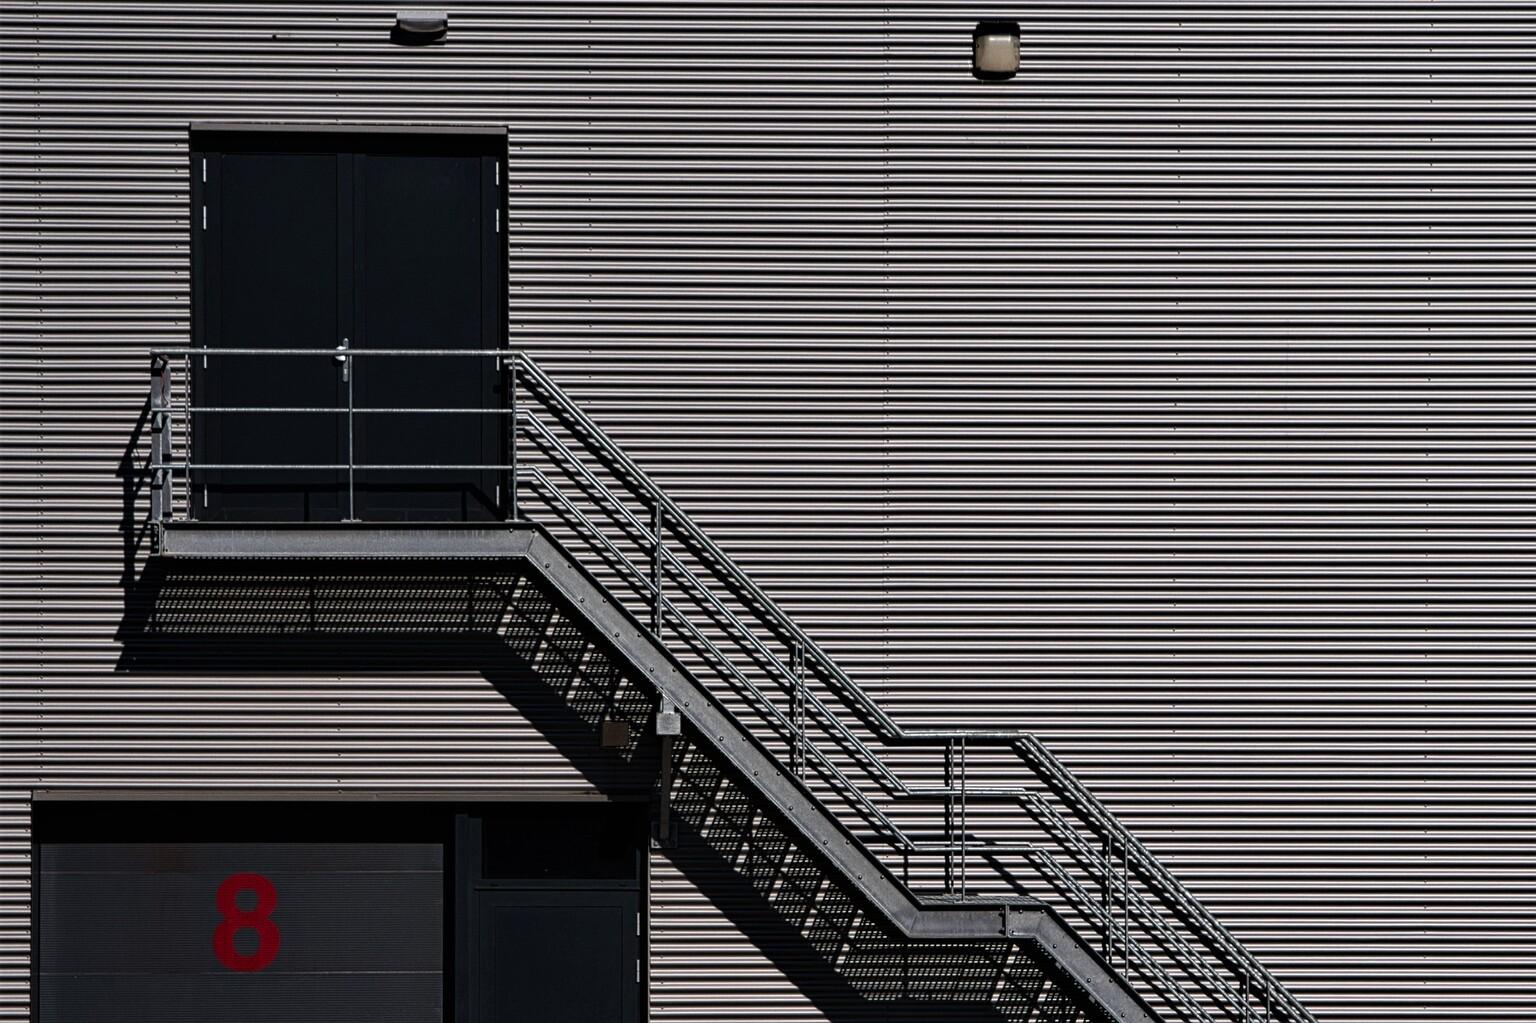 Acht - Alle zoomers, zoomvrienden en -volgers, bedankt voor de waardering, tips en aandachtspunten op mijn vorige uploads. - foto door PaulvanVliet op 19-04-2021 - deze foto bevat: trap, magazijn, kivit, acht, lijnen, grijs, zoetermeer, hoornerhage, rechthoek, lijn, materiële eigenschap, parallel, facade, tinten en schakeringen, gebouw, trap, symmetrie, patroon